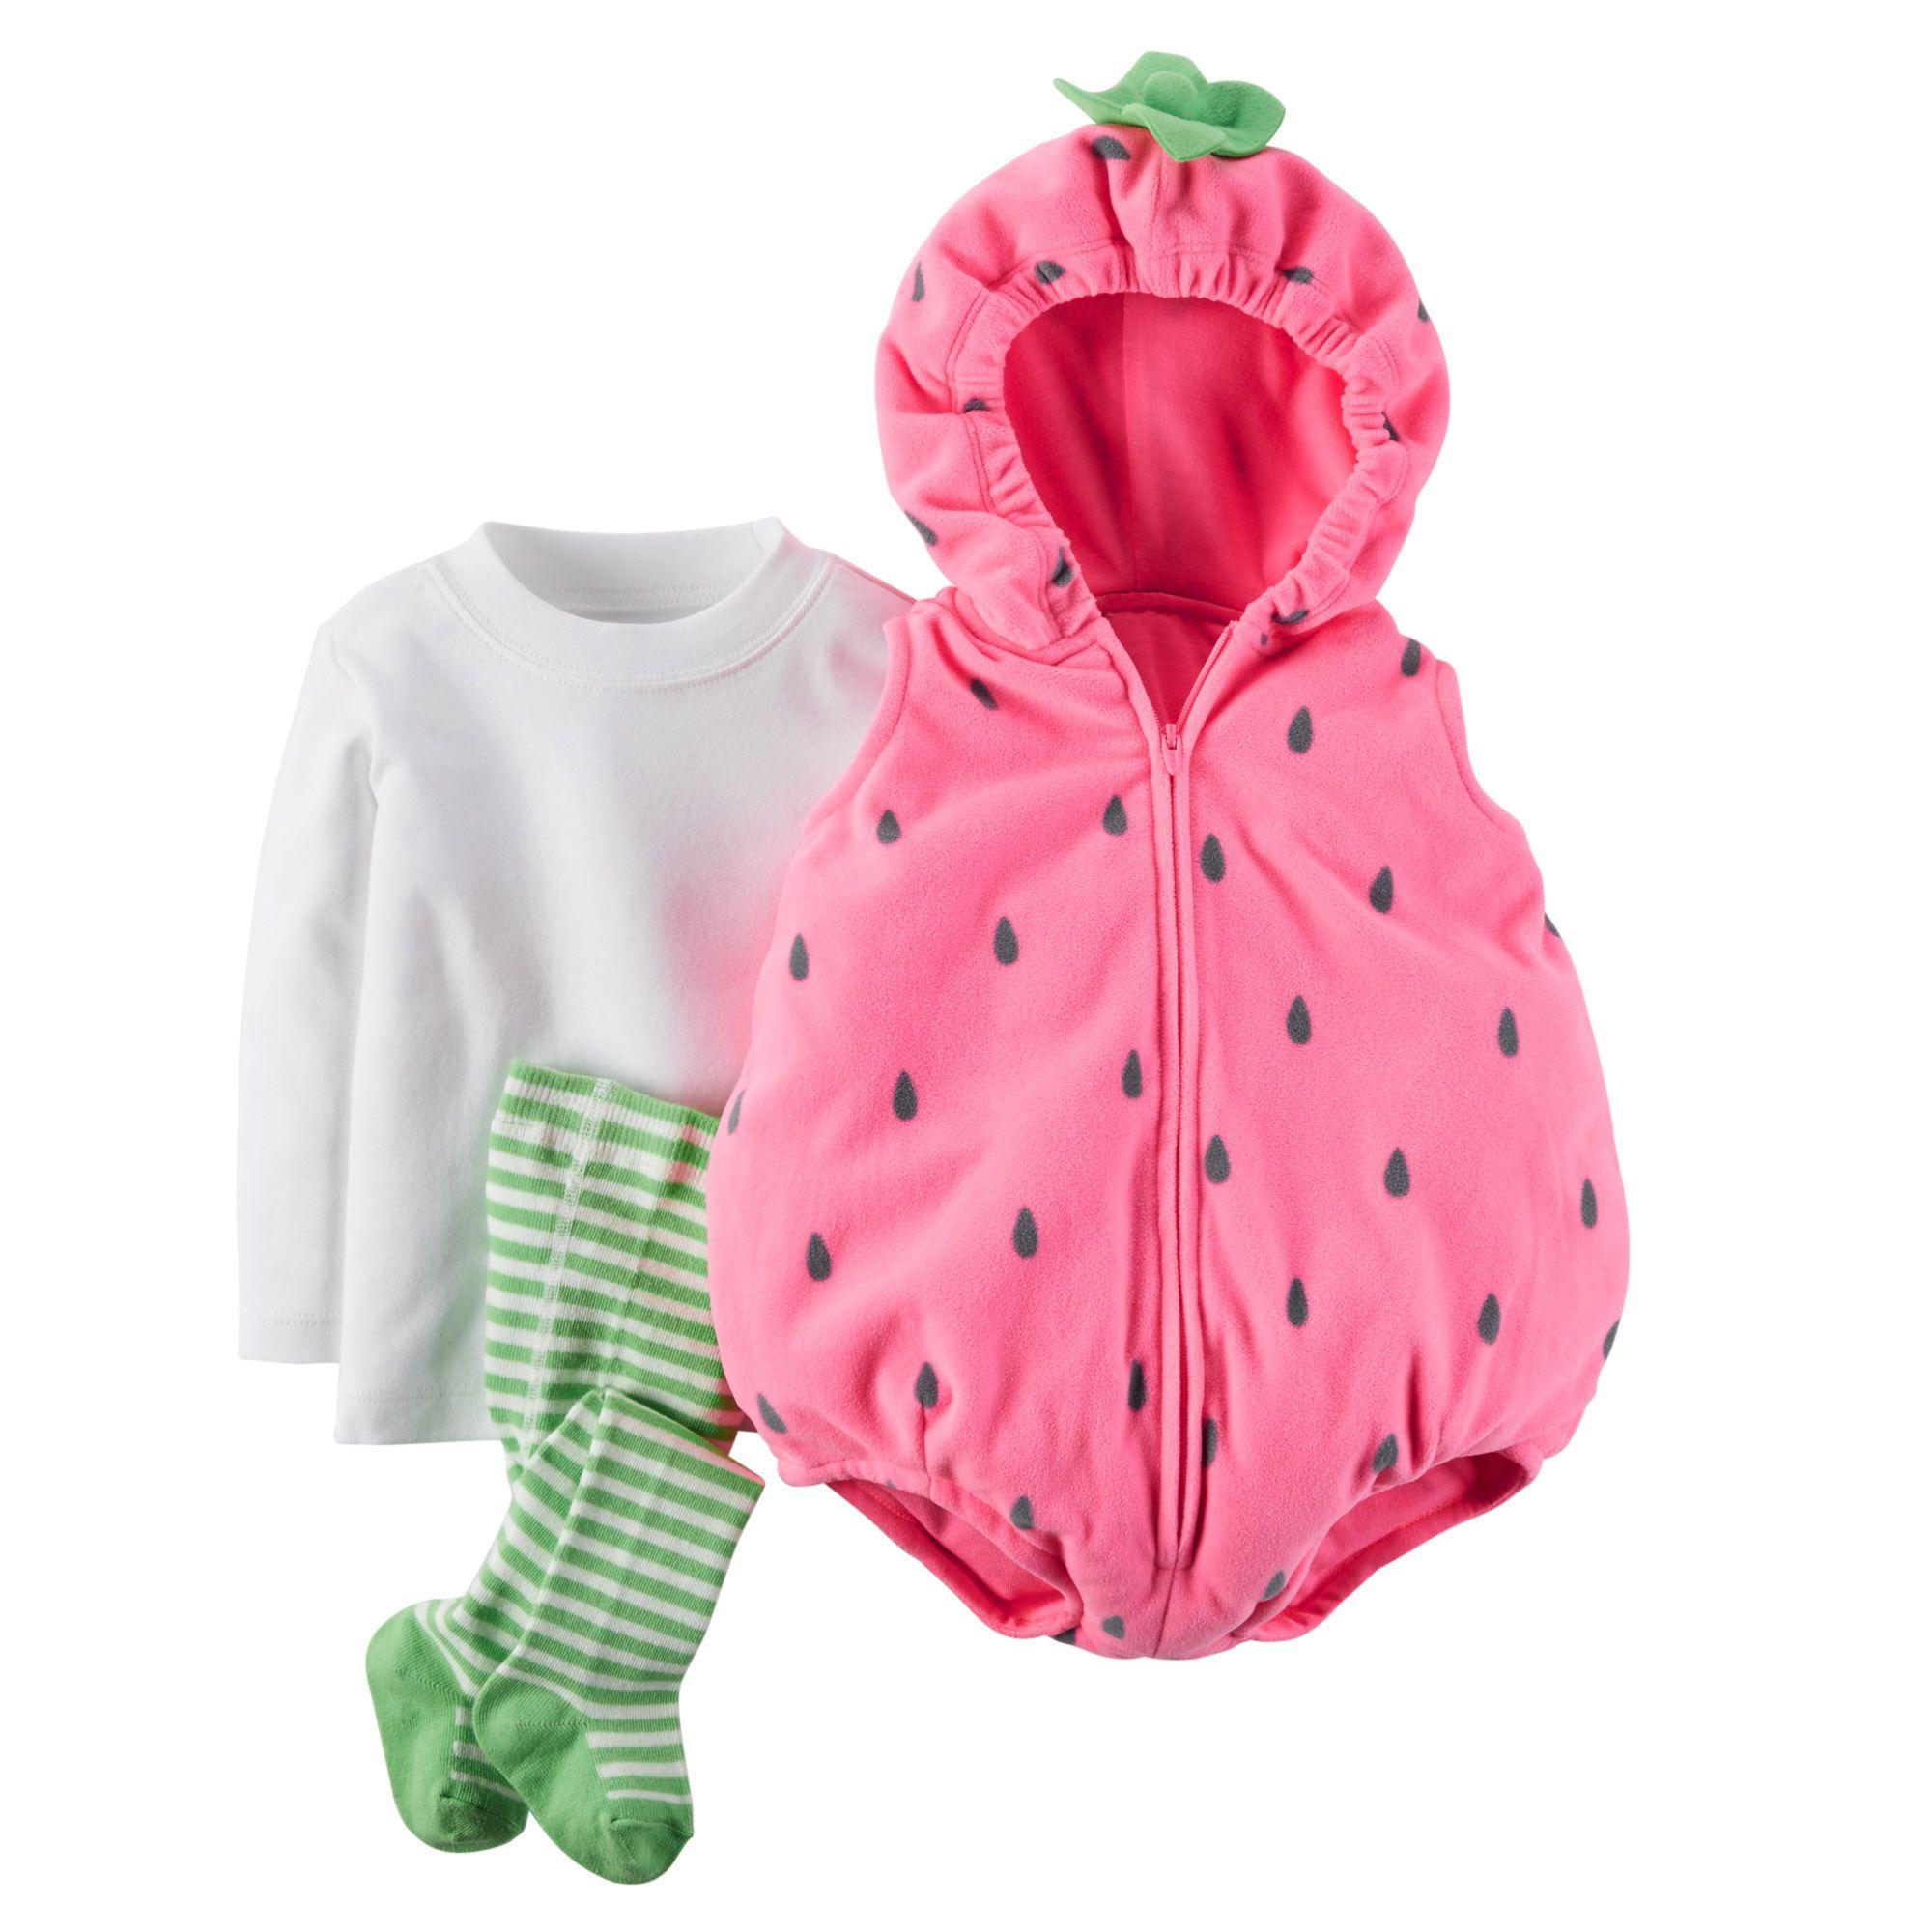 bite sized strawberry halloween costumebite sized strawberry halloween costume pink - Strawberry Halloween Costume Baby